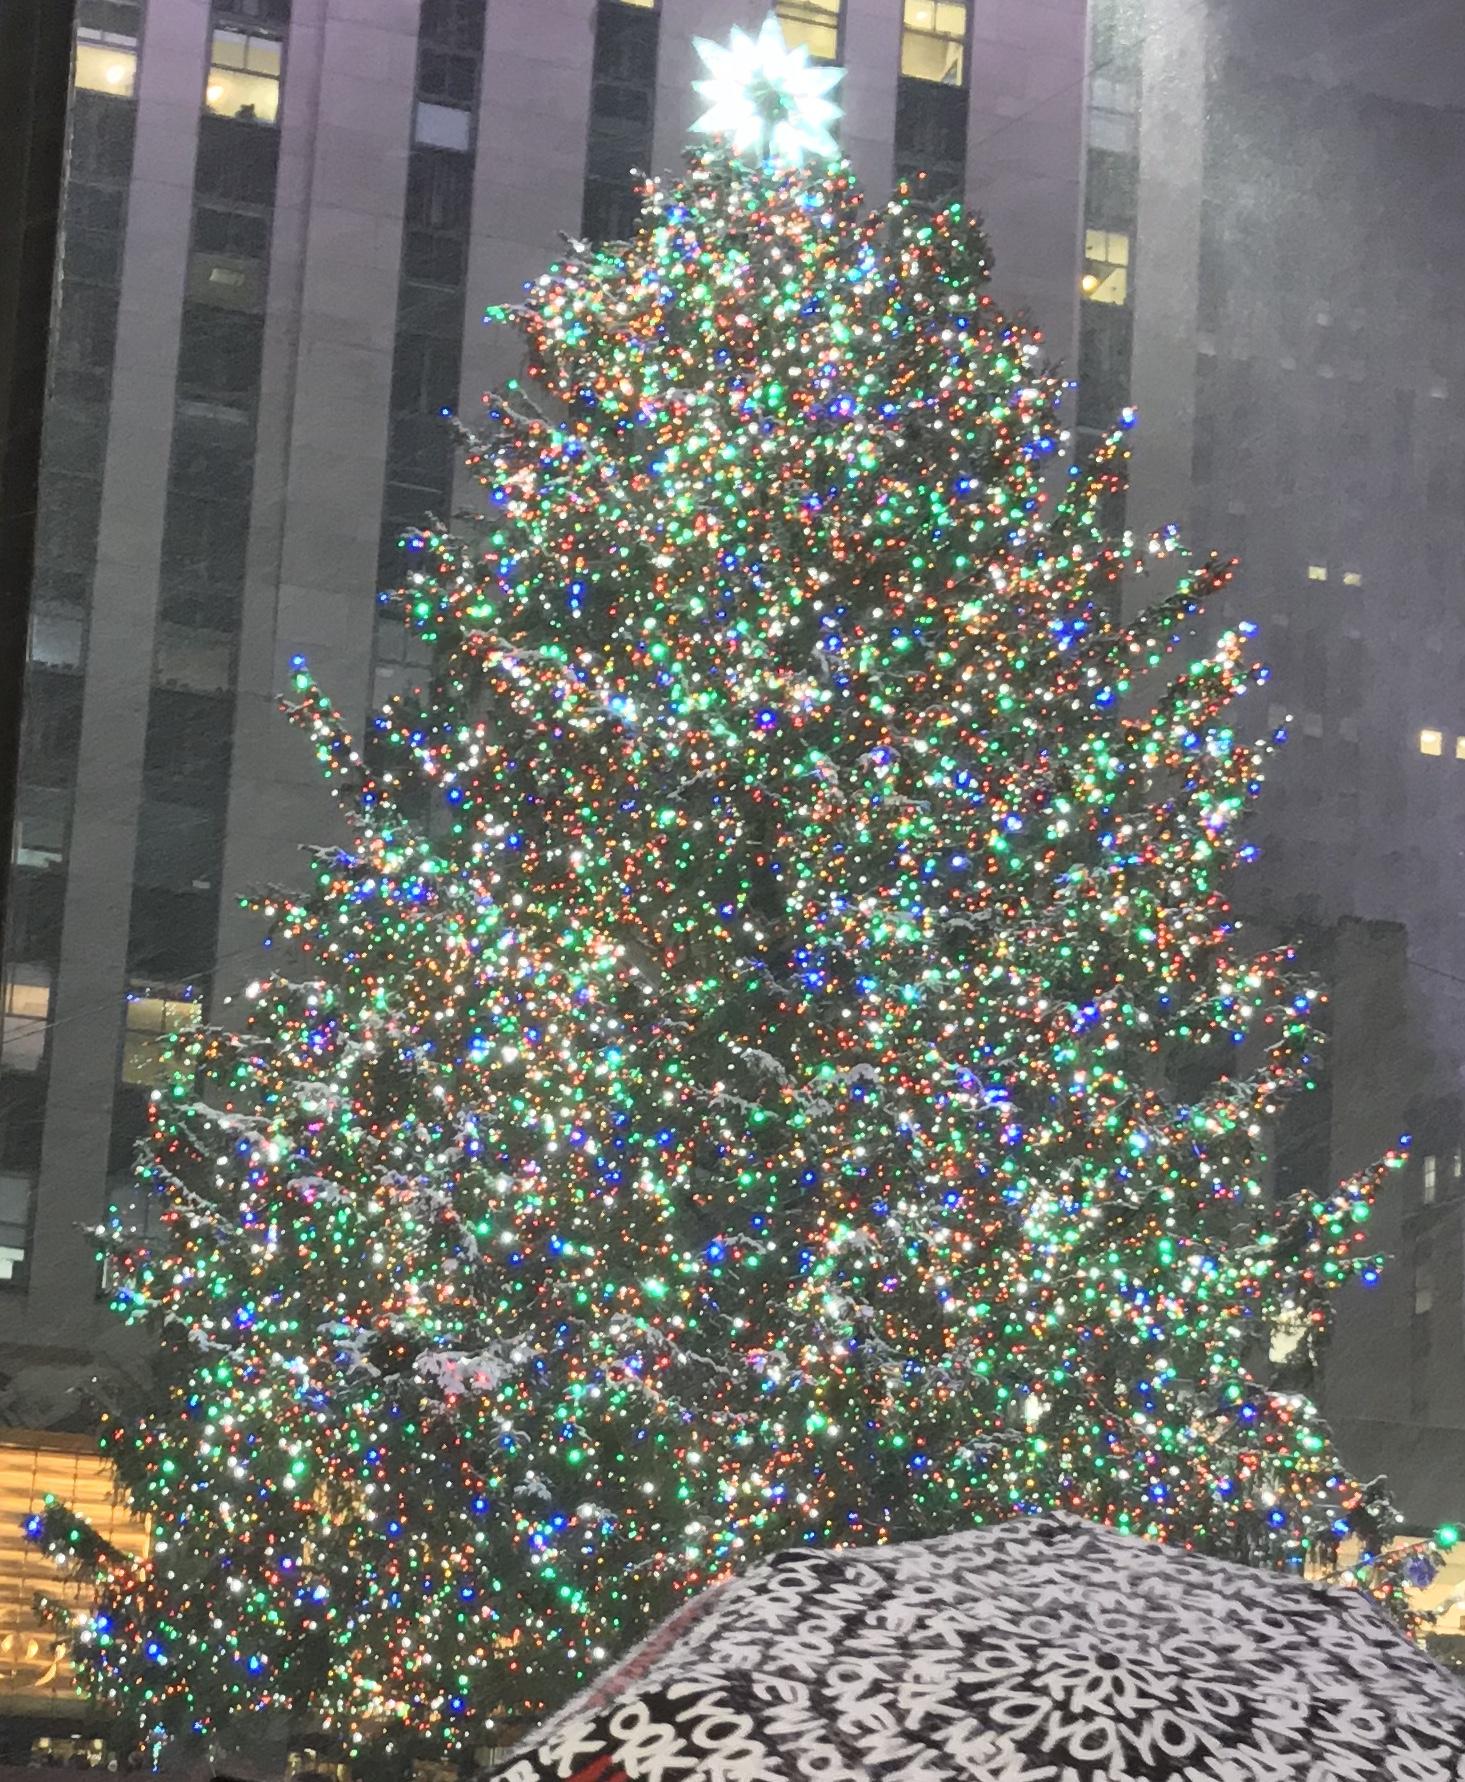 rockefeller center christmas tree lighting wikipedia